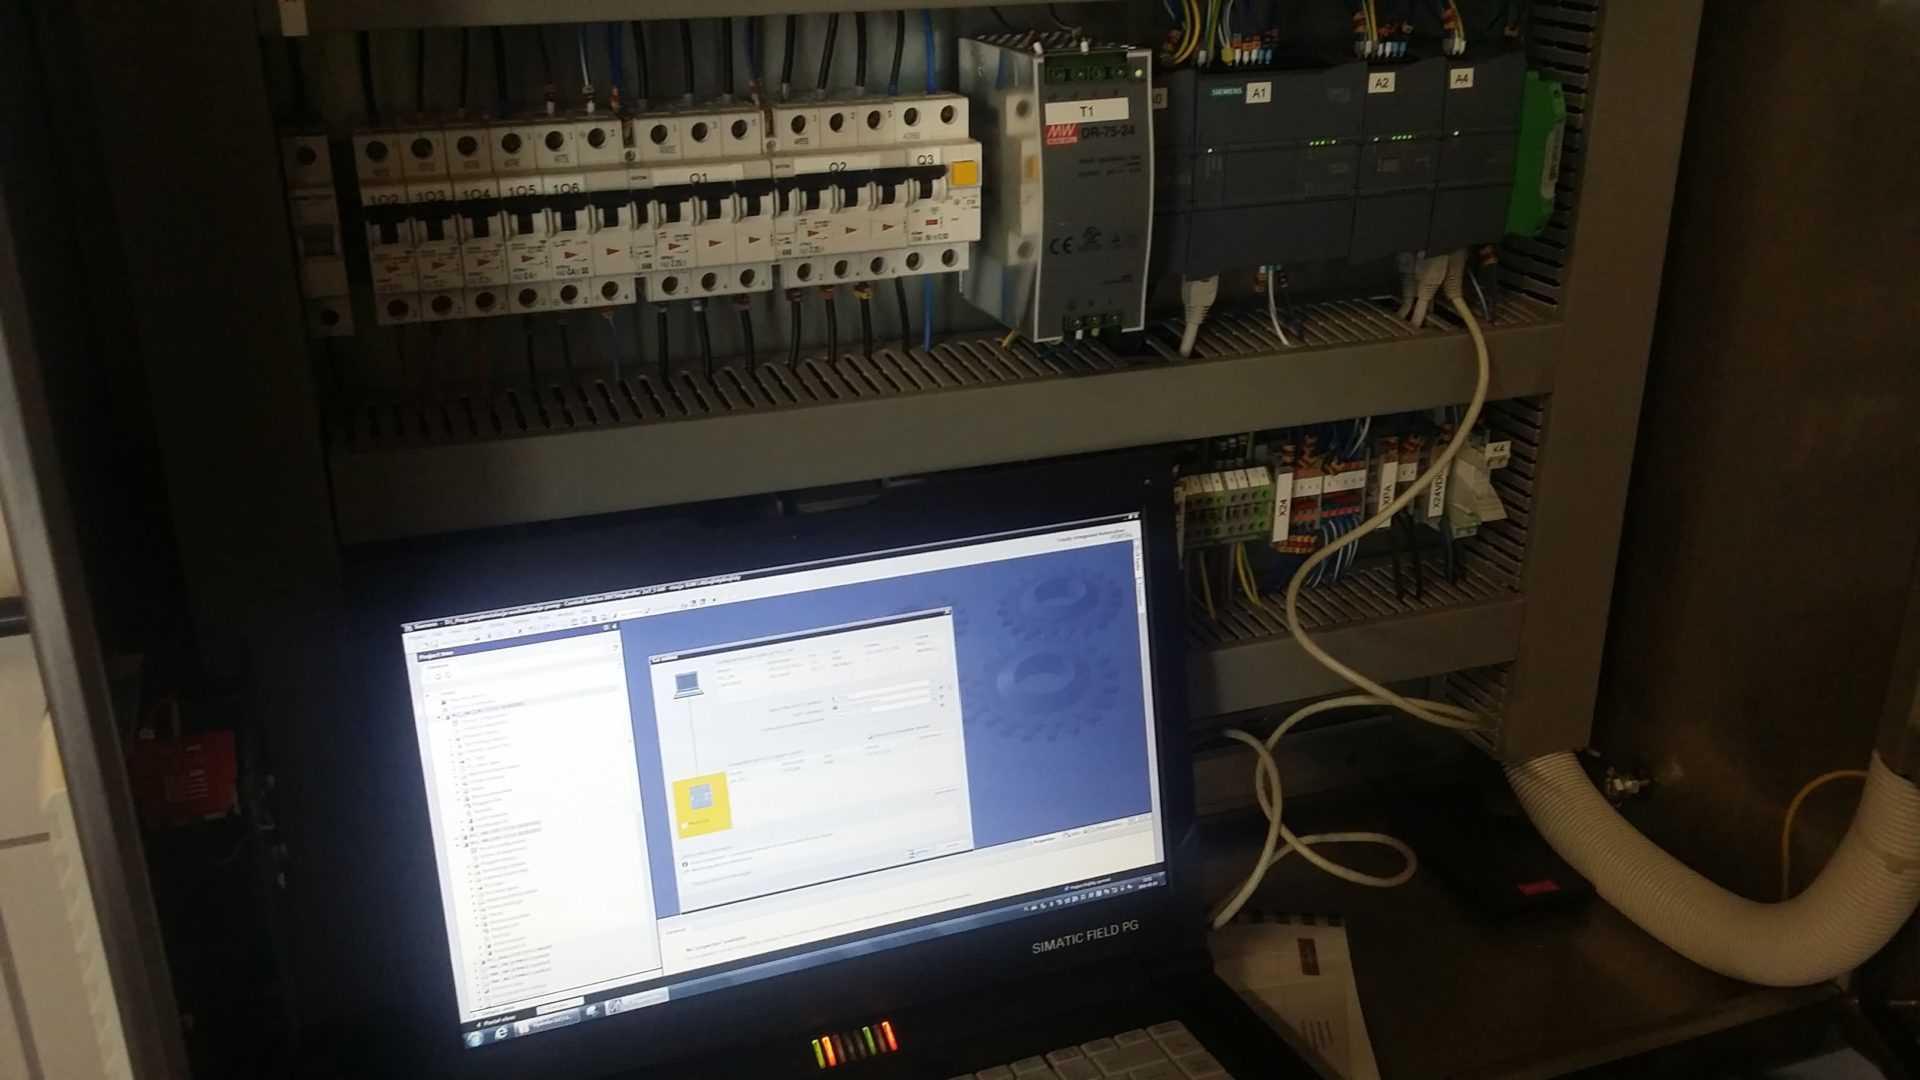 Programator Siemens w szafie elektrycznej